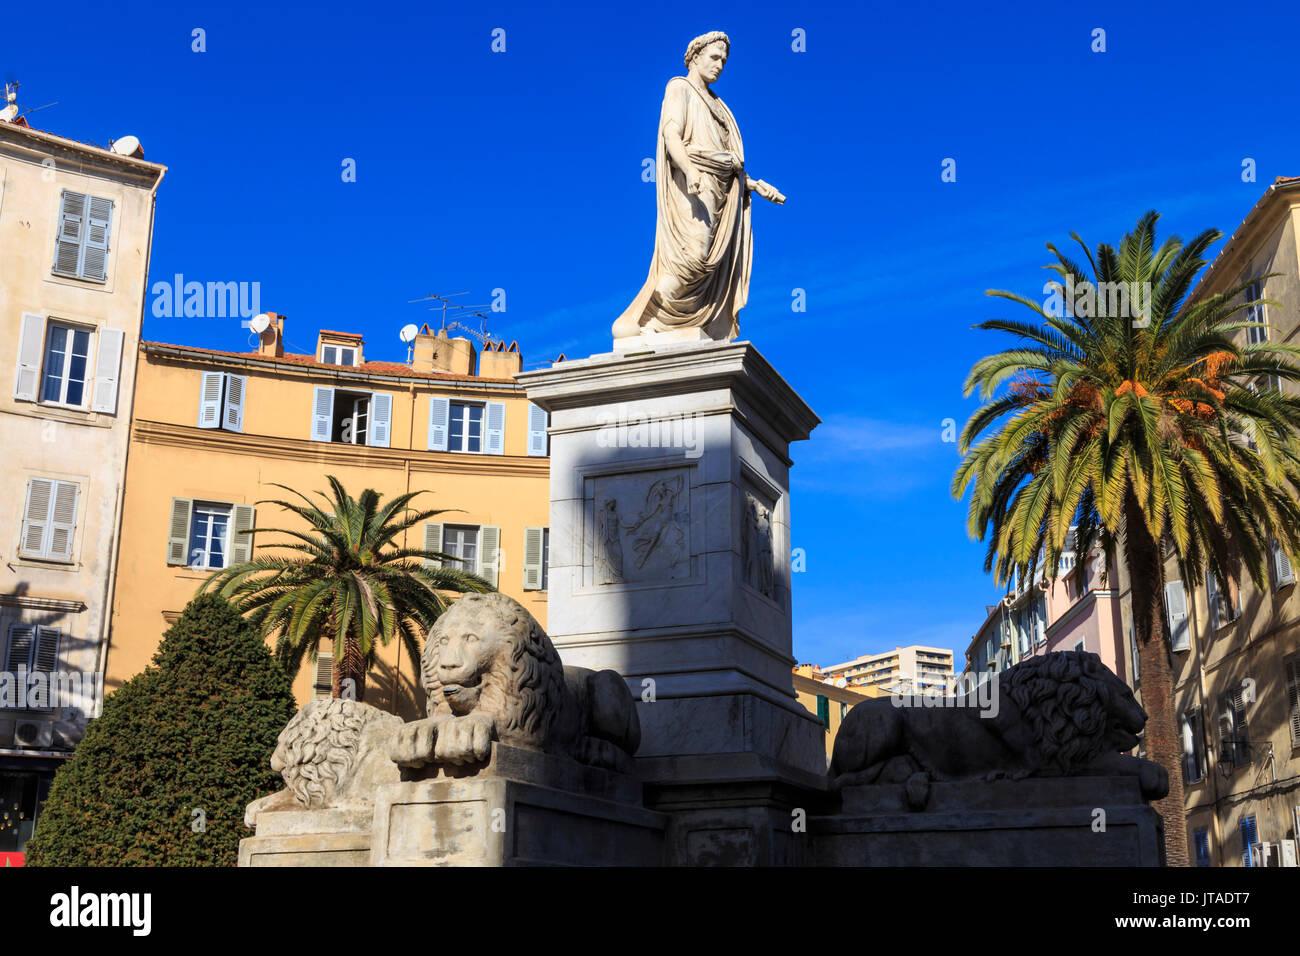 Statue von Napoleon als römischer Kaiser, mit Löwen und Palmen, pastellfarbenen Gebäuden, Place Foch, Ajaccio, Korsika, Frankreich Stockbild